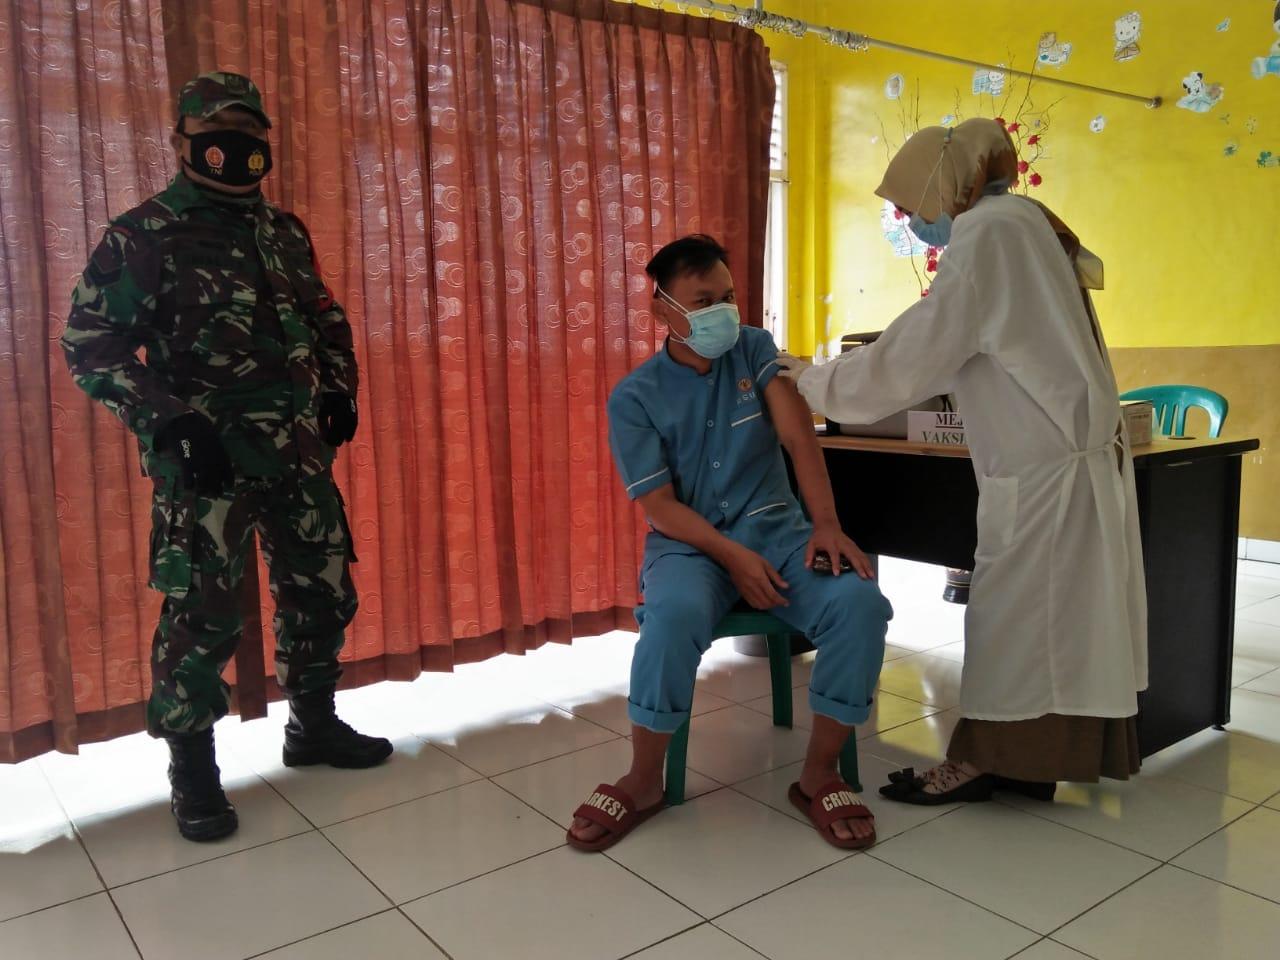 Babinsa Koramil 410-01Panjang Kodim 0410KBL, memonitor pelaksanaan kegiatan Vaksinasi Sinovac terhadap tenaga kesehatan yang bertempat di Puskesmas Rawat Inap Sukabumi